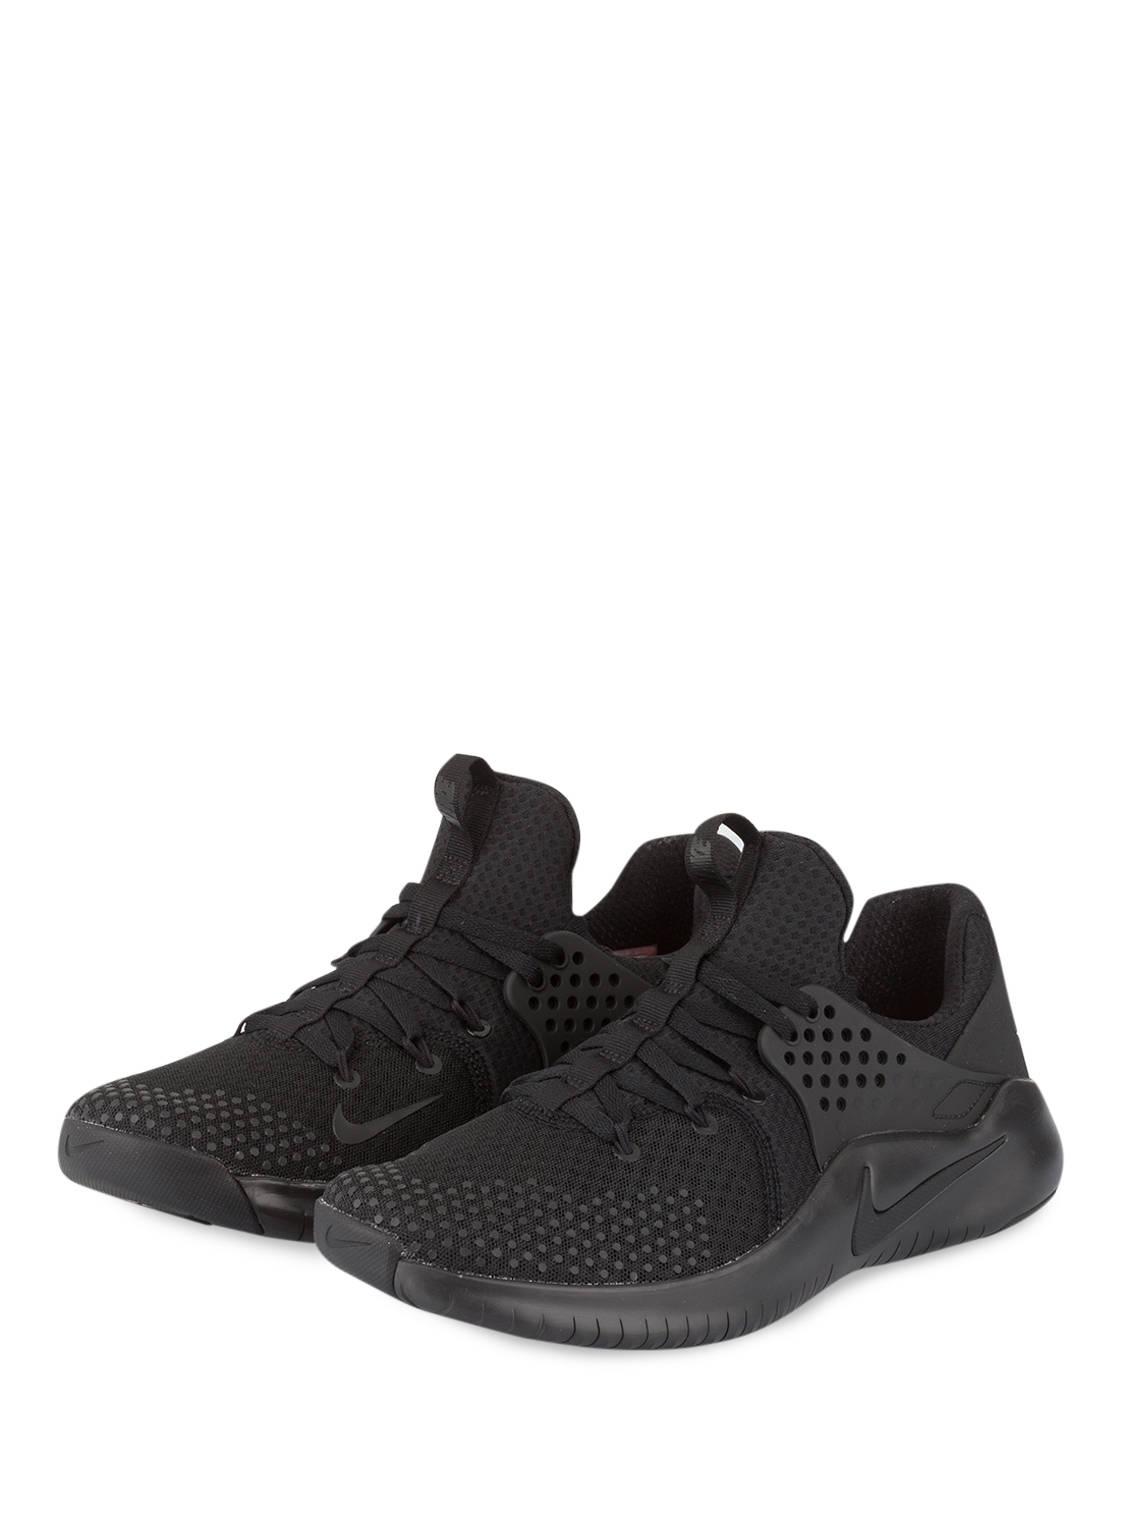 Adidas Sleuth DLX Outdoor Schuhe Trainingsschuhe Herren Sportschuhe schwarz gold